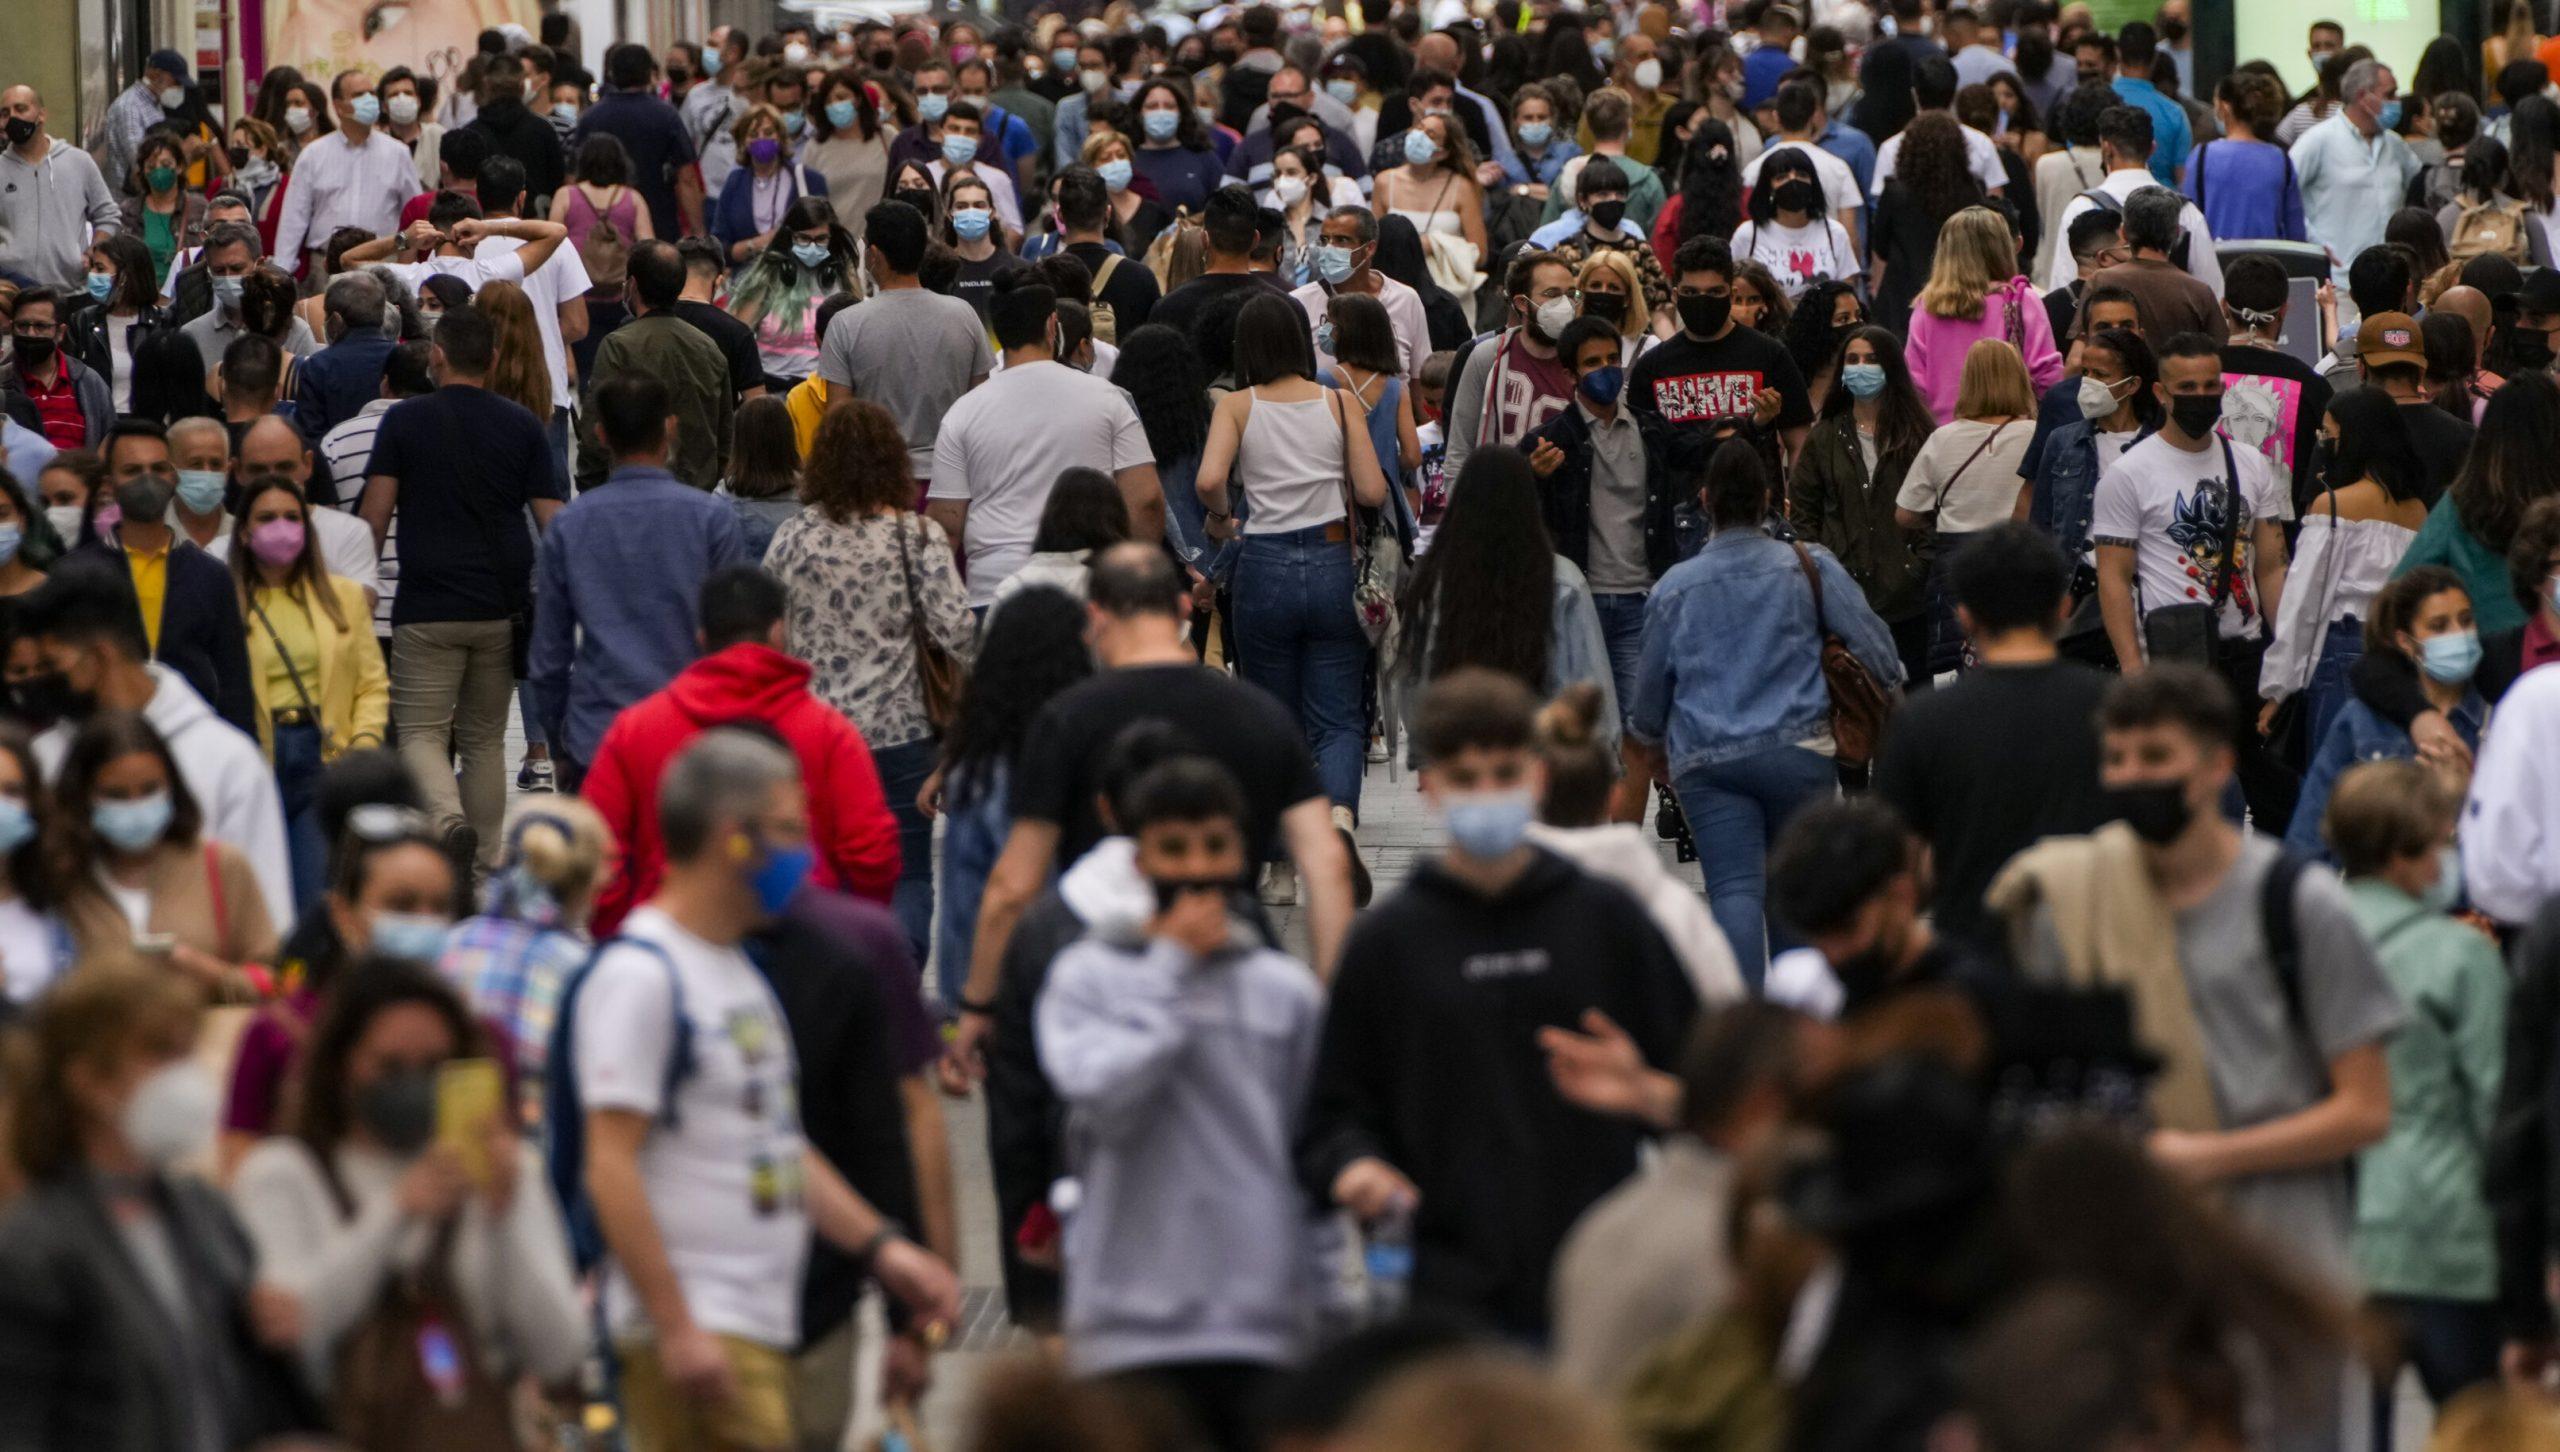 Statele Unite vor ca 70% din populația lumii să fie vaccinată până în 2022